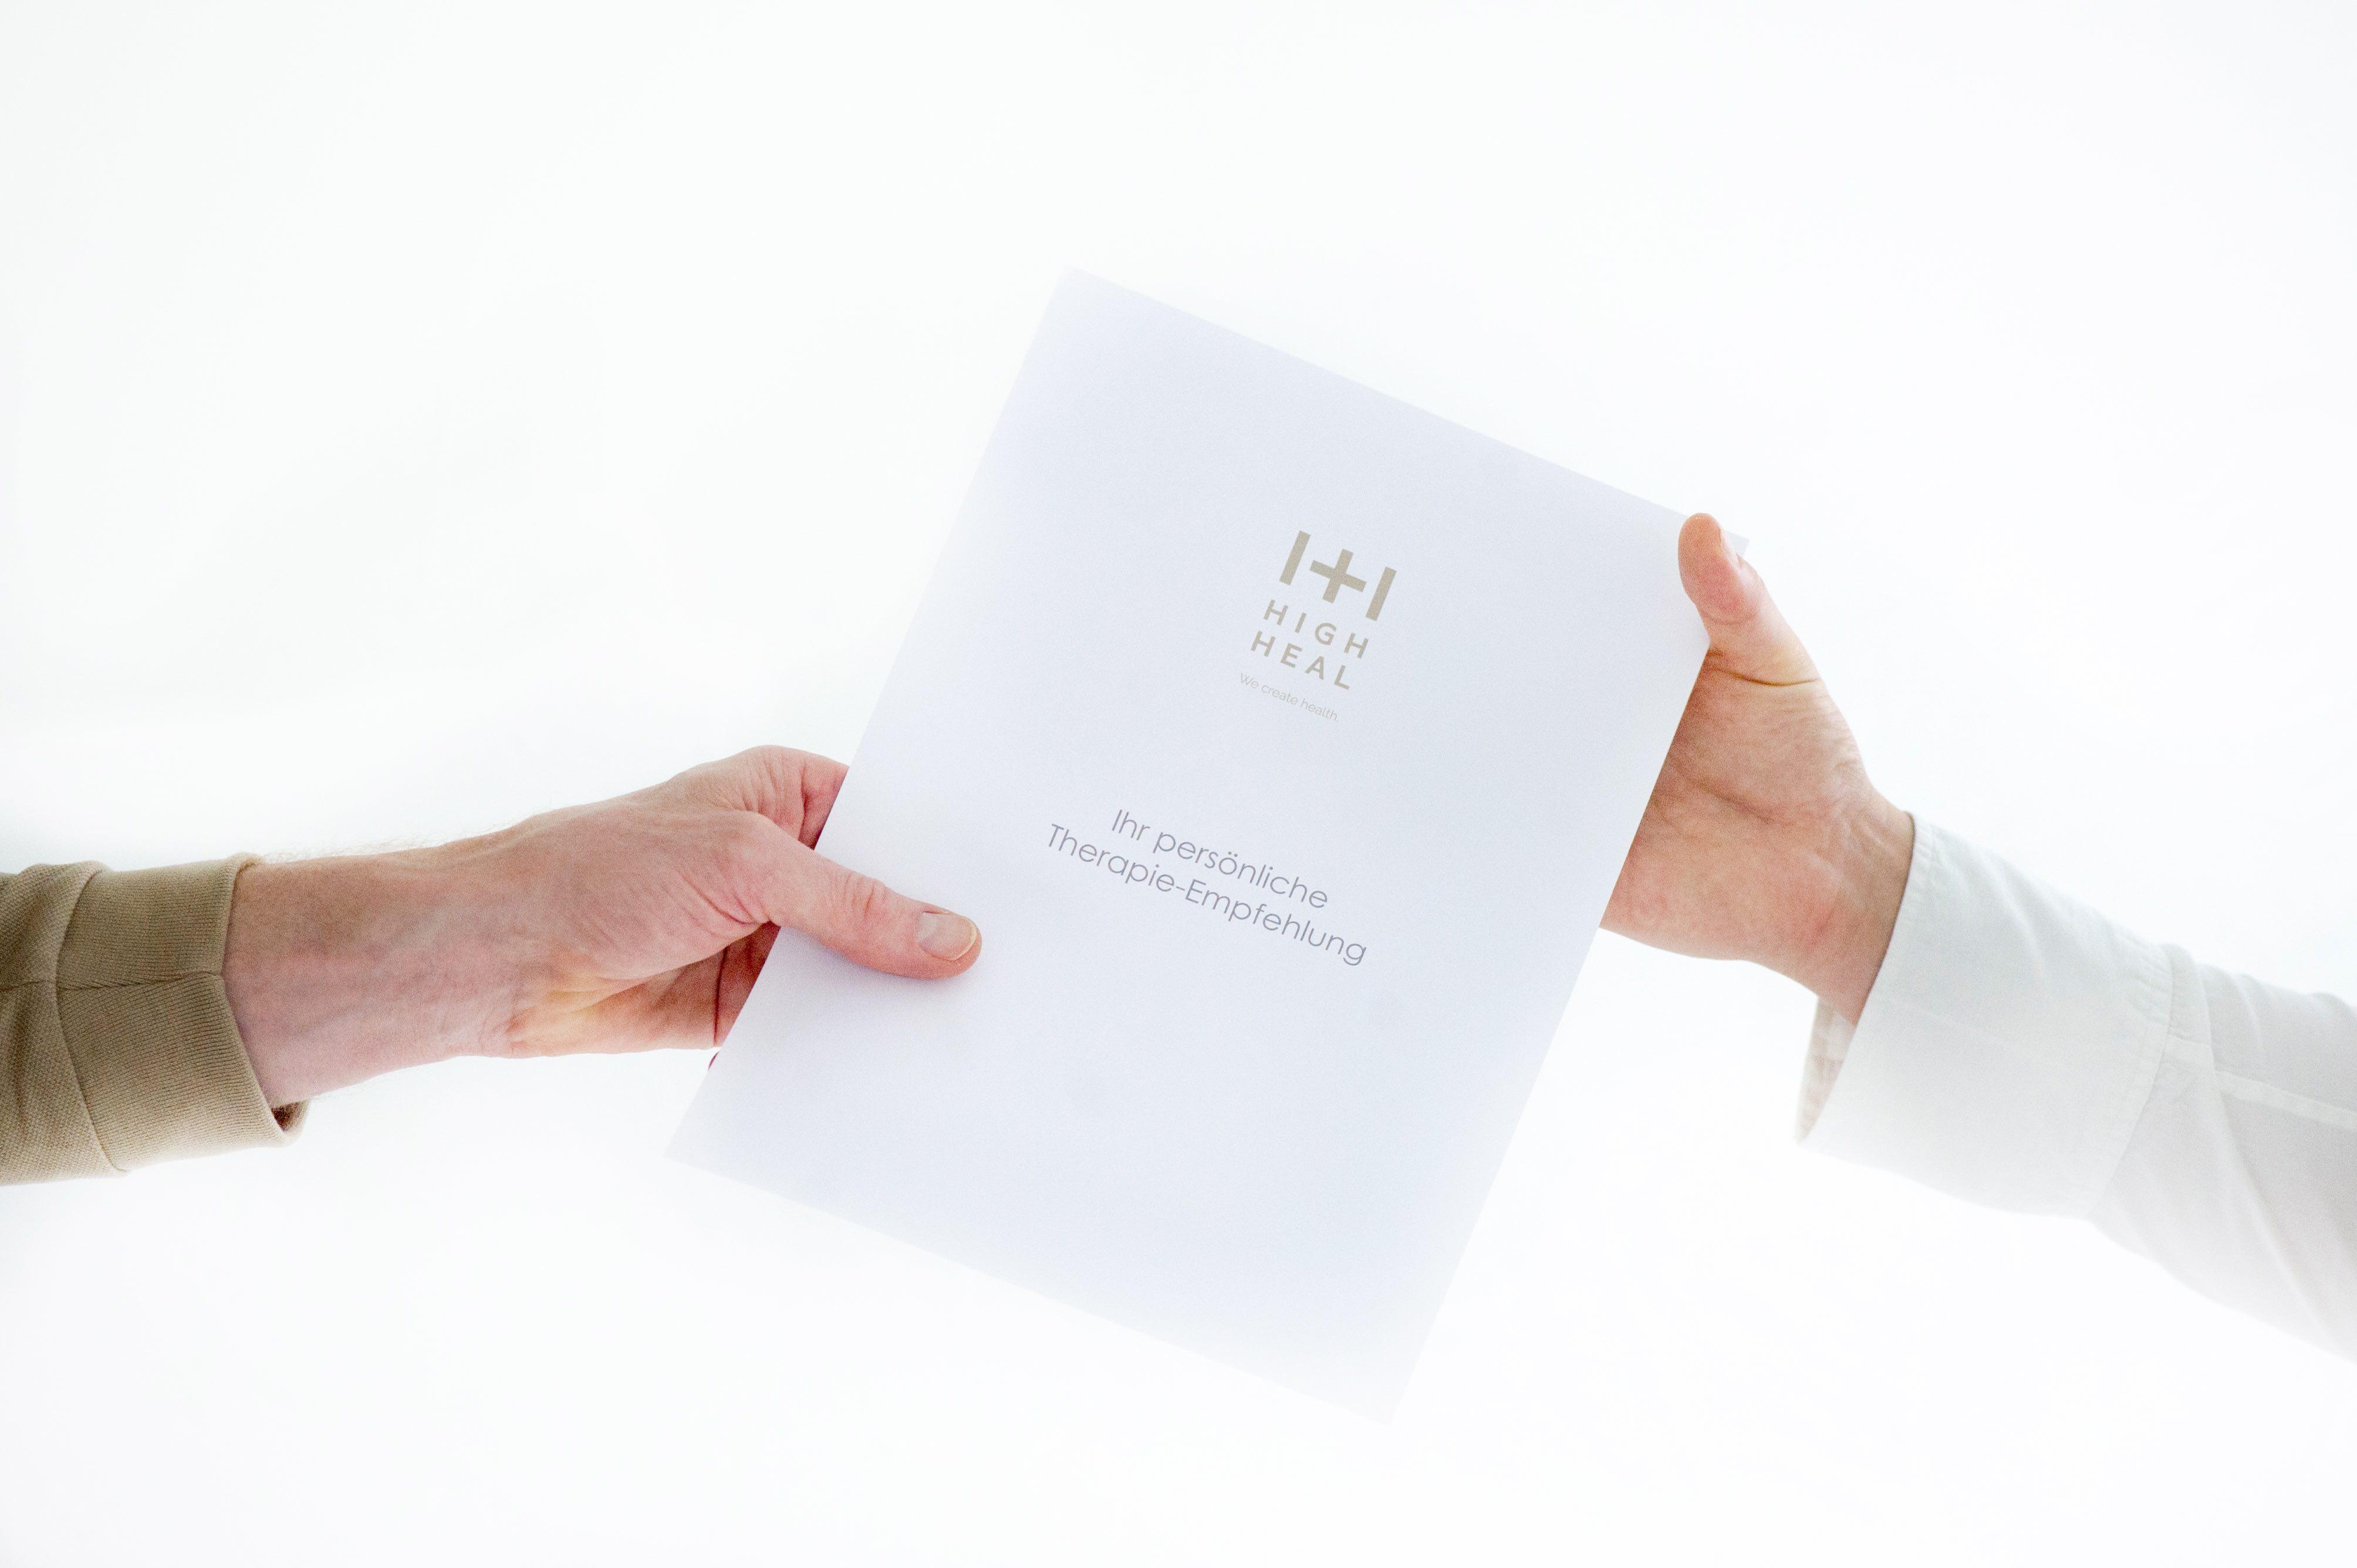 Bild zeigt High Heal Therapieempfehlung Übergabe Arzt an Patient High Heal Kitzbühel Tirol Gesundheitszentrum